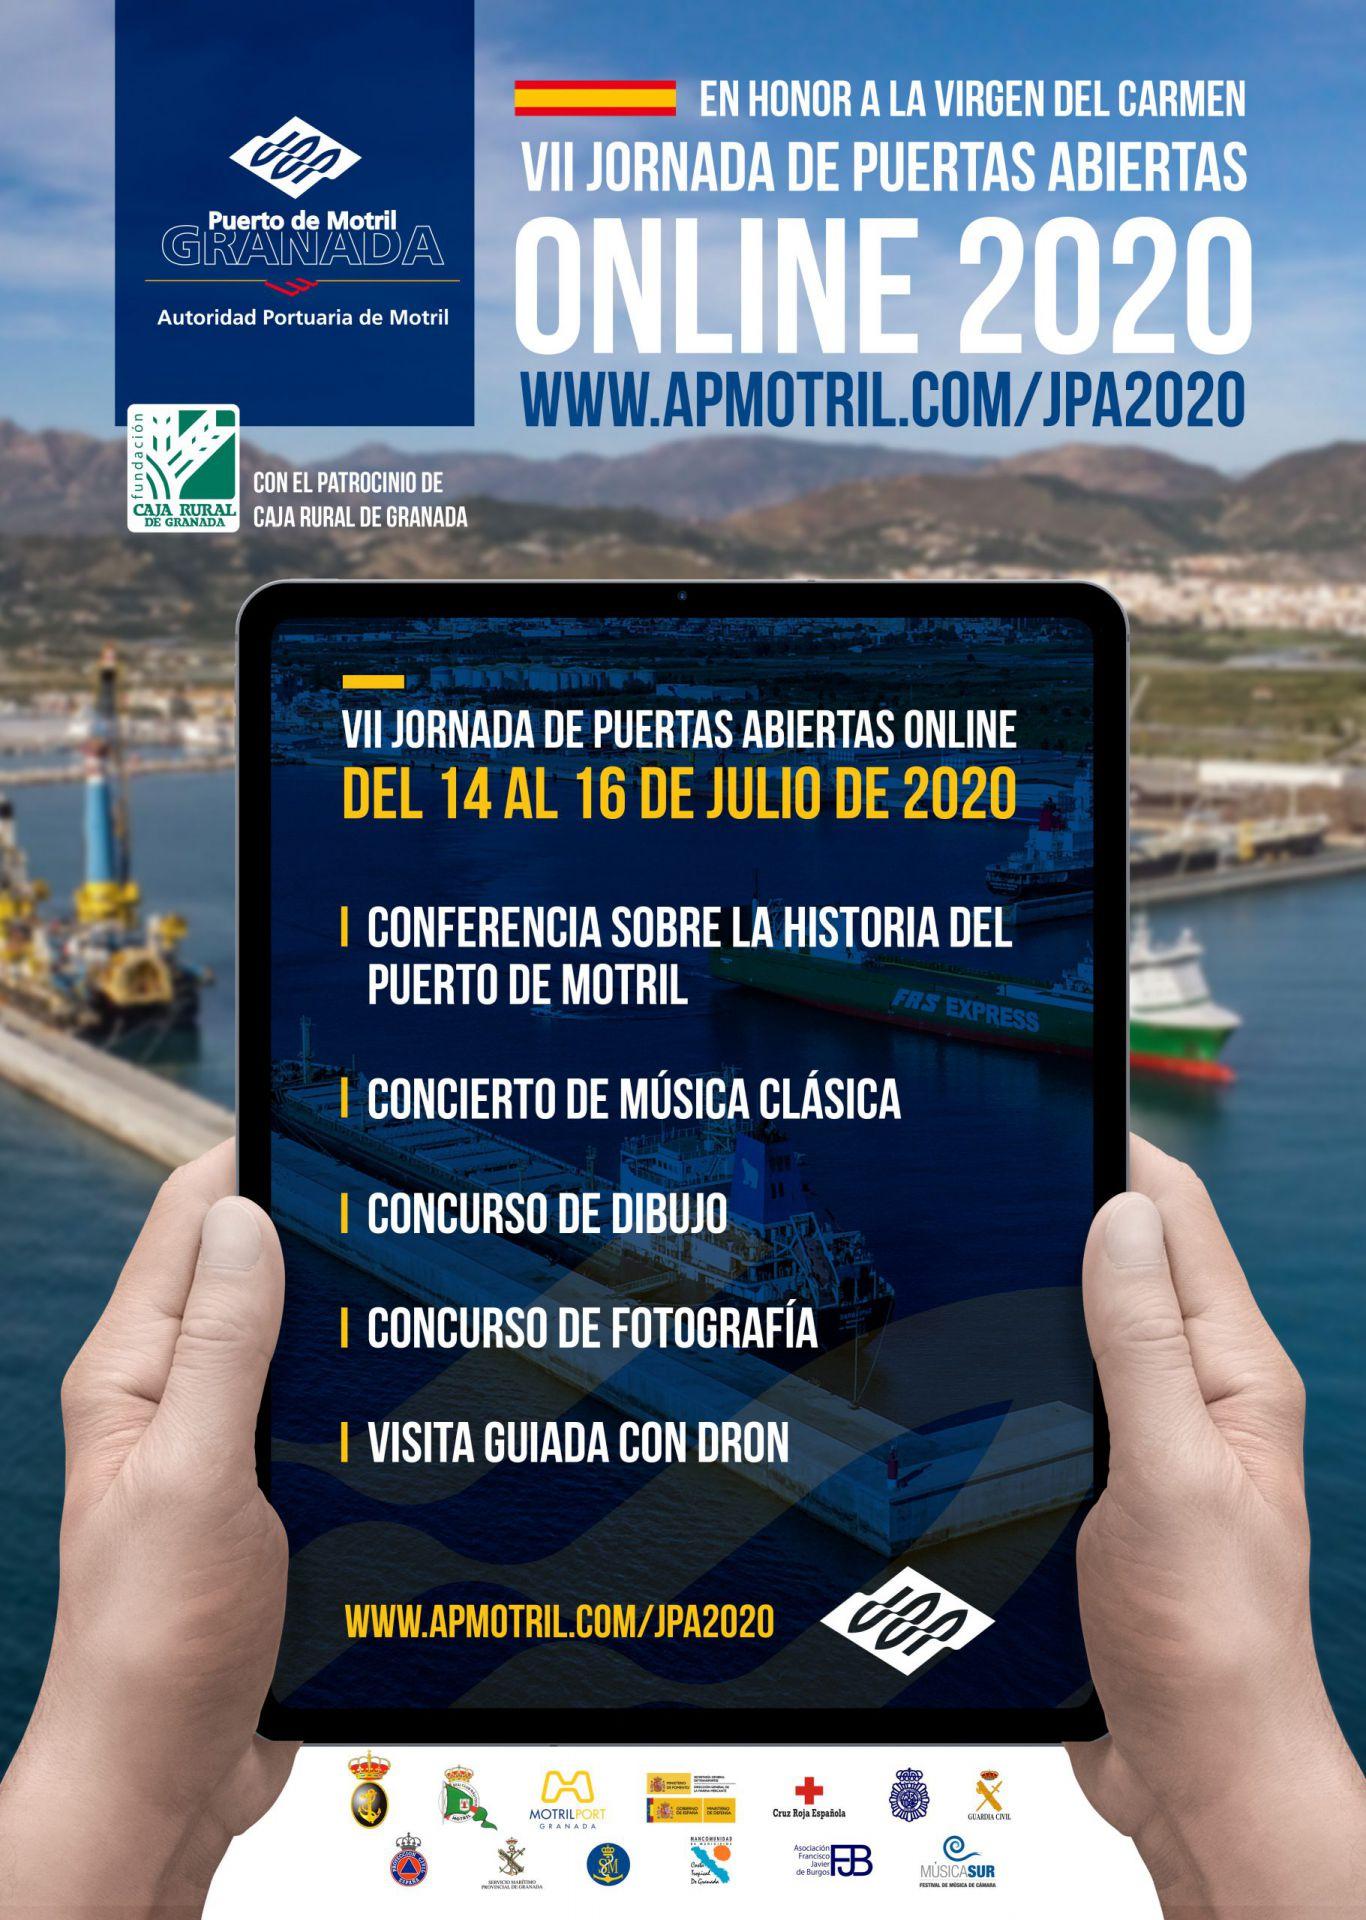 PUERTO DE MOTRIL - PUERTAS ABIERTAS 2020